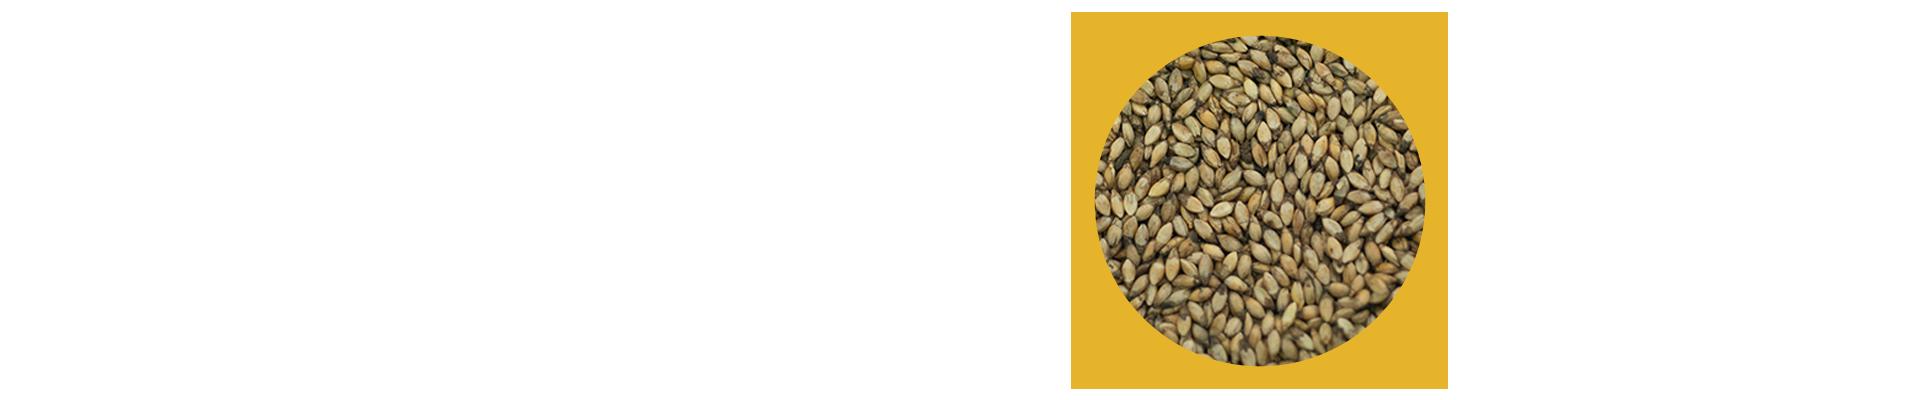 O capim Xaraés, também conhecido como MG-5, capim vitória e toledo, é um cultivar Brachiaria brizantha, de Burundi, na África. Após 15 anos de pesquisa, mais precisamente em 2003, foi coletado pela Embrapa. Tem como suas principais vantagens sua alta produtividade, especialmente de folhas, rápida rebrota e florescimento tardio, o que prolonga o período de pastejo até à seca.